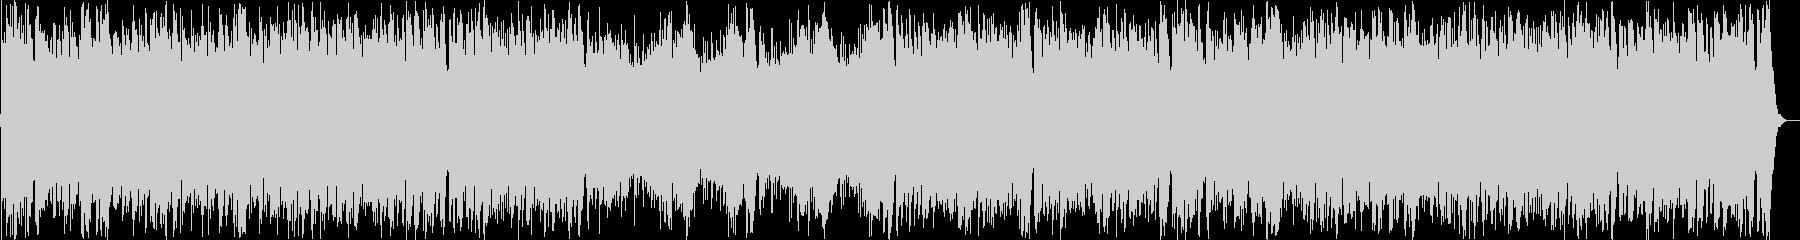 運動会定番曲のシンフォニックメタル編曲の未再生の波形